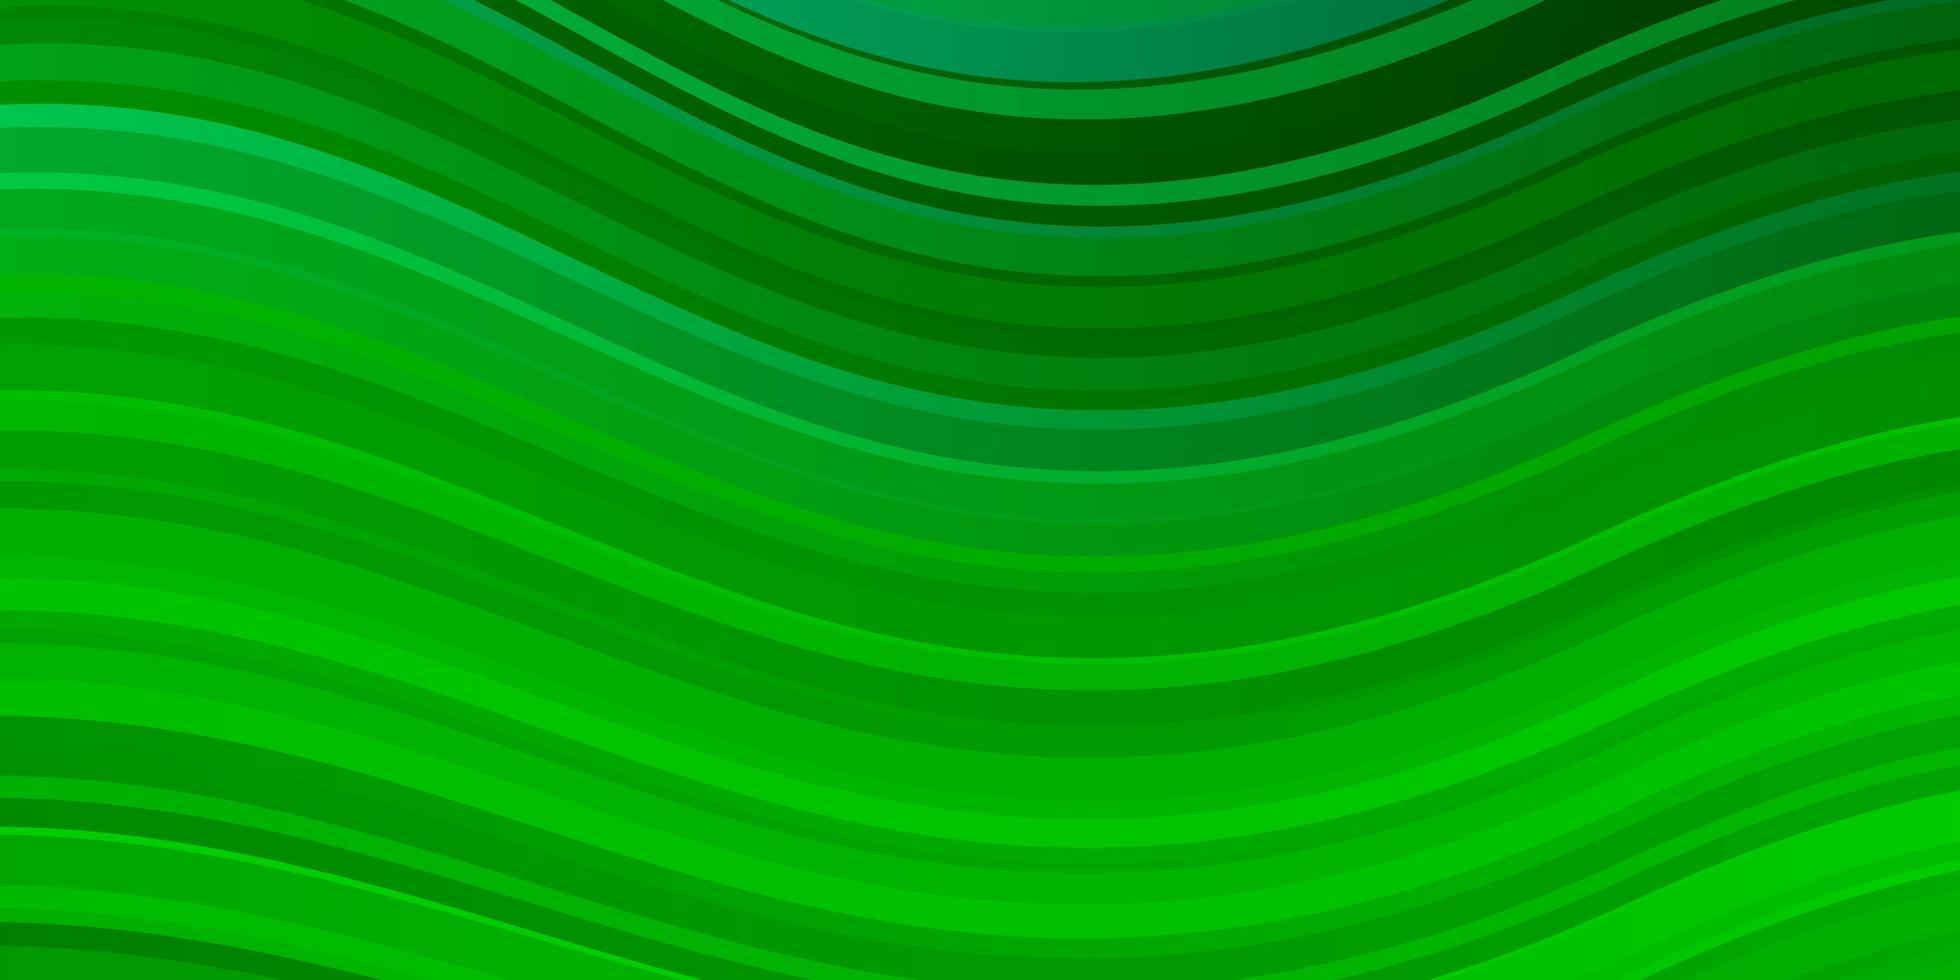 fondo verde claro con líneas curvas. vector